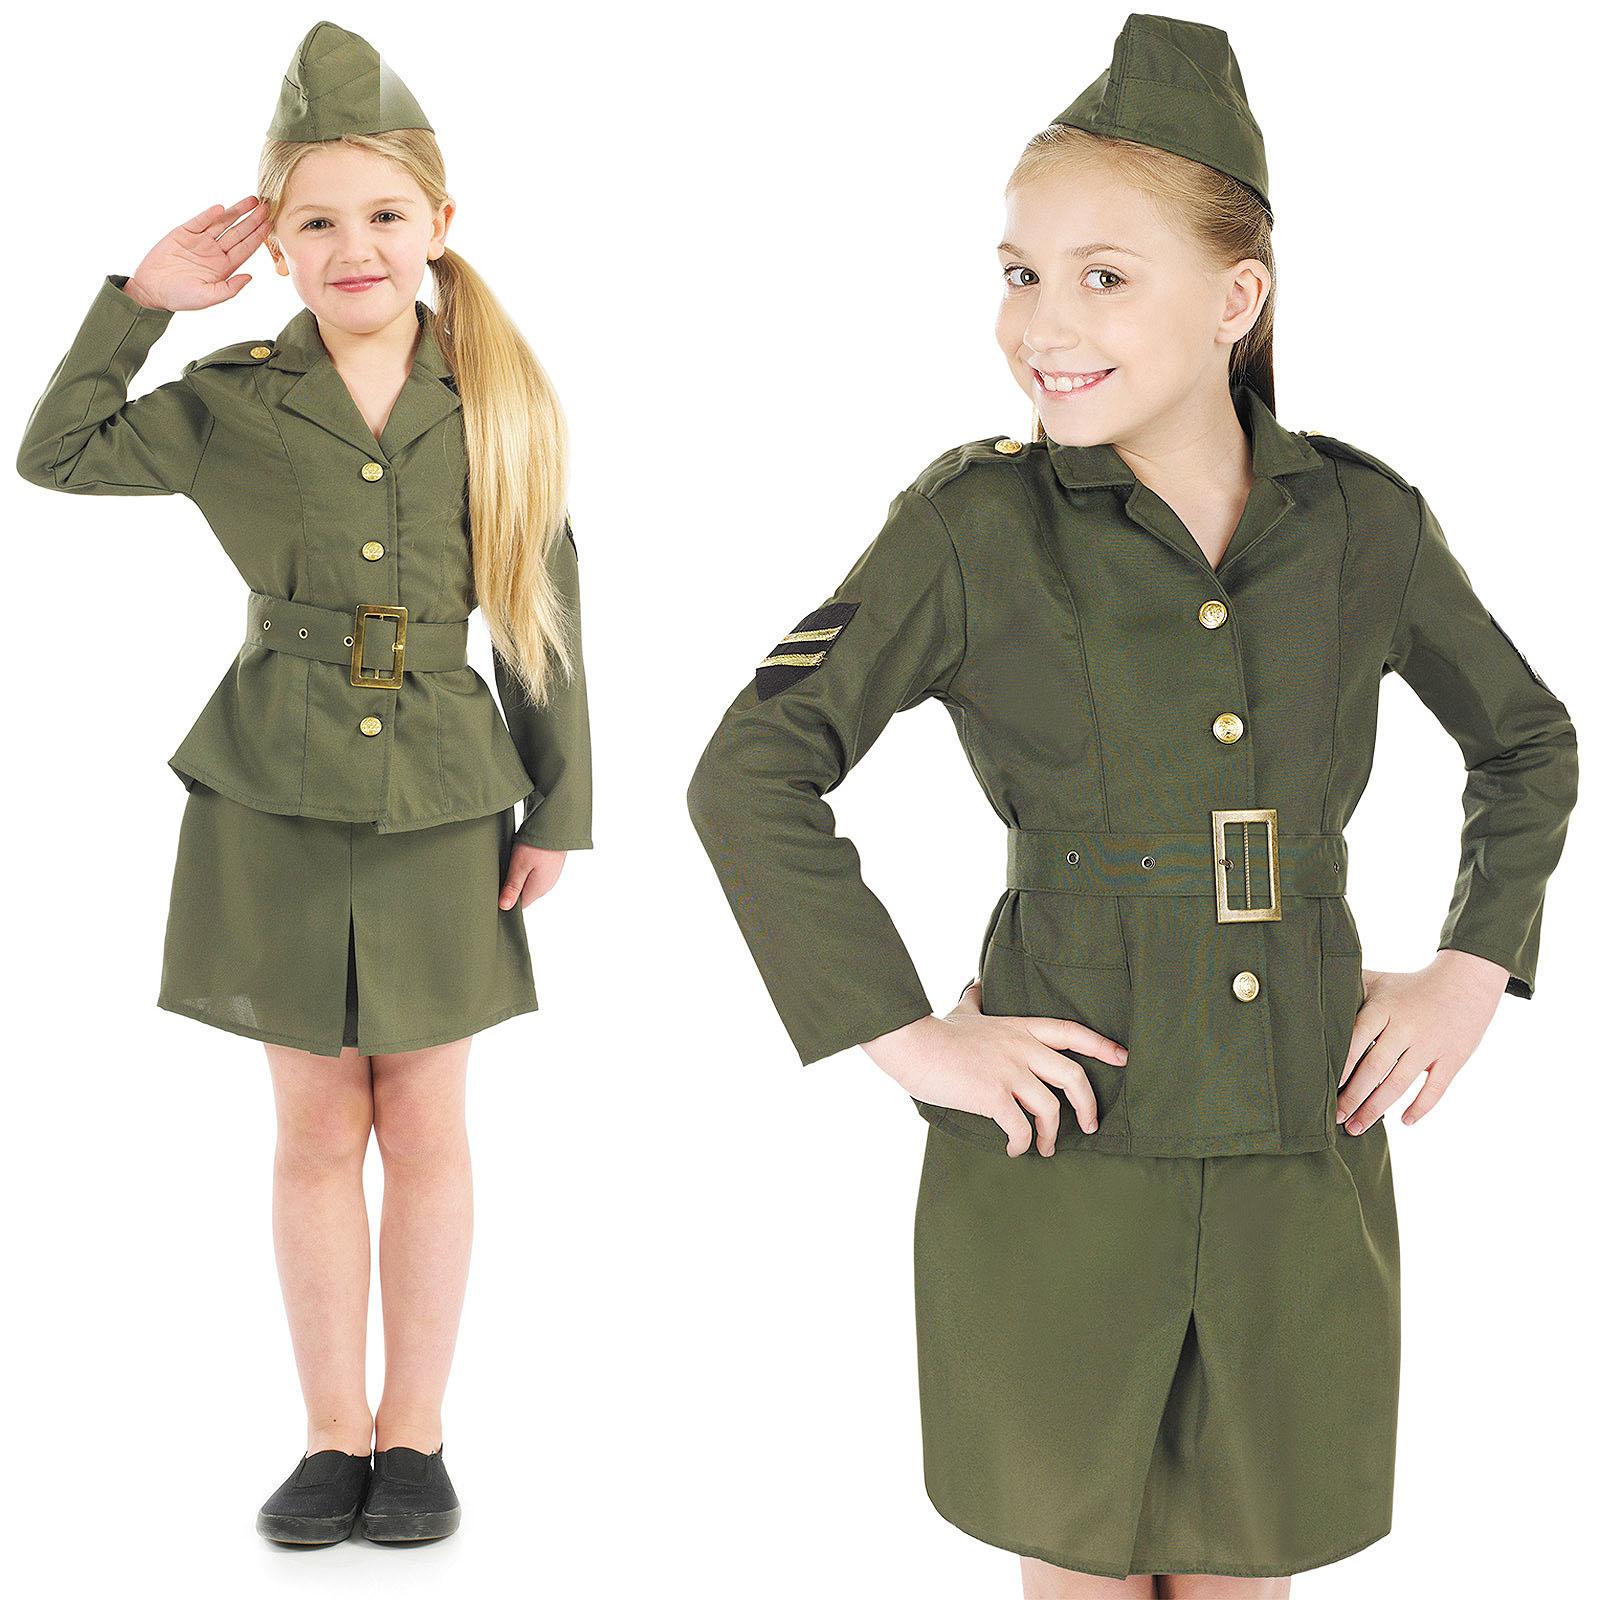 Childrens Ww2 Army Girl Fancy Dress Costume 40s World War